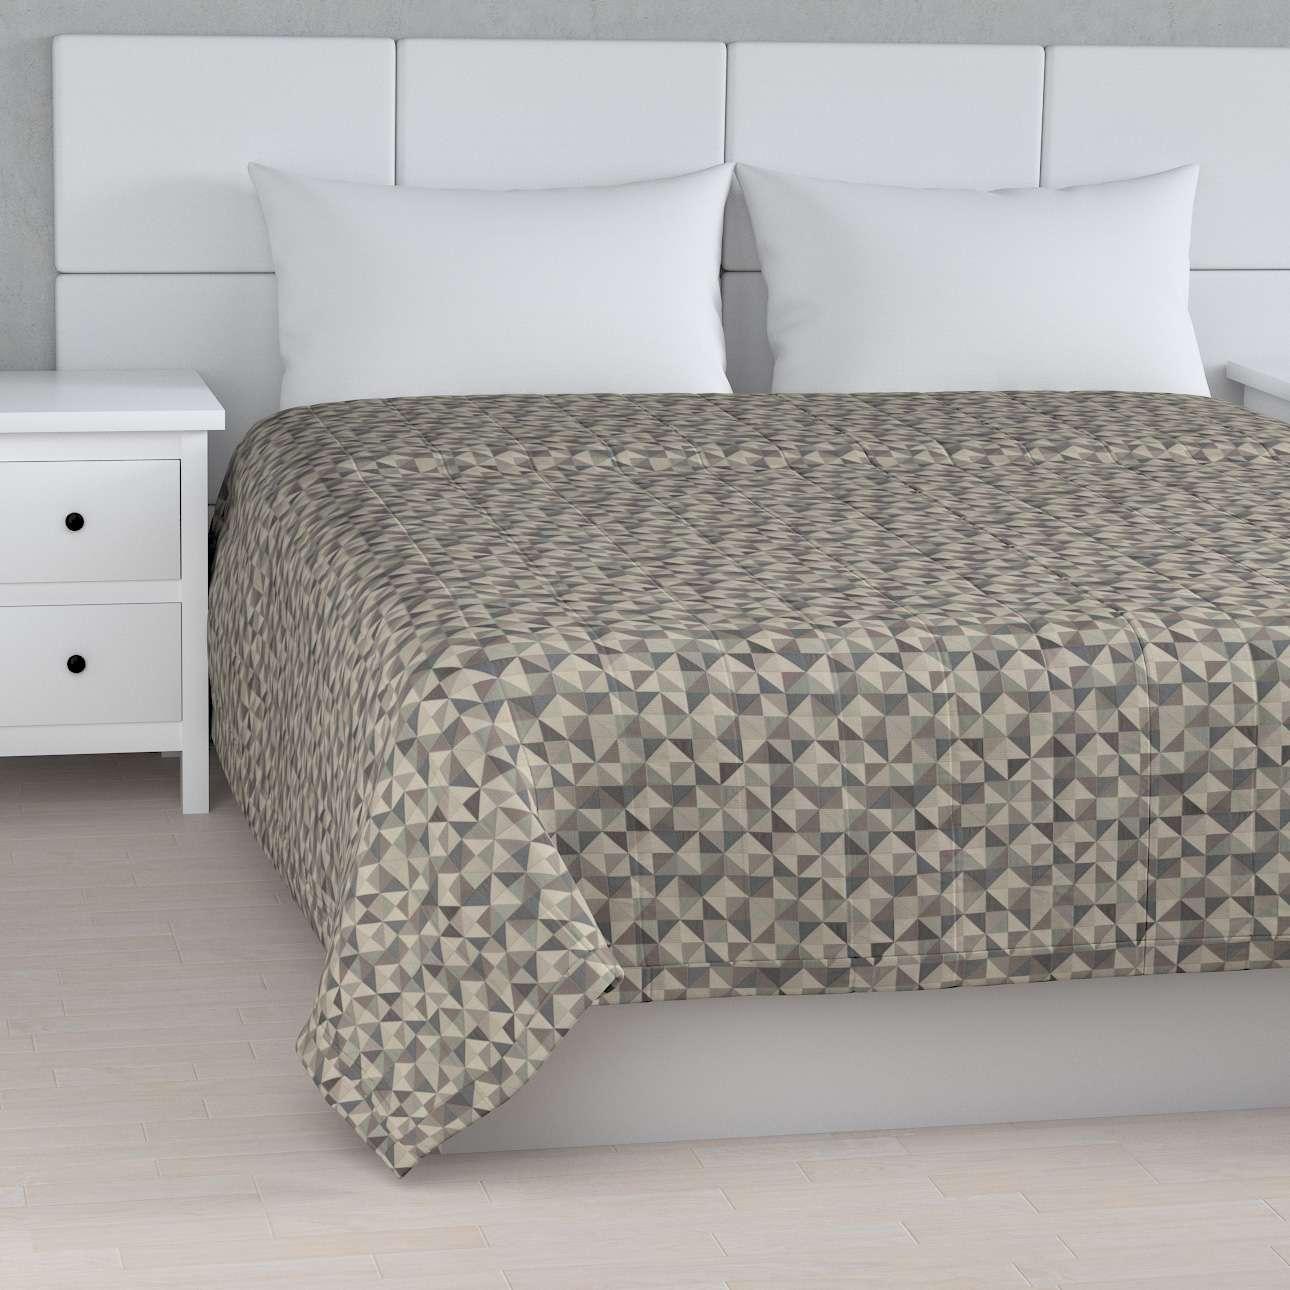 Tagesdecke mit Streifen-Steppung von der Kollektion Retro Glam, Stoff: 142-84